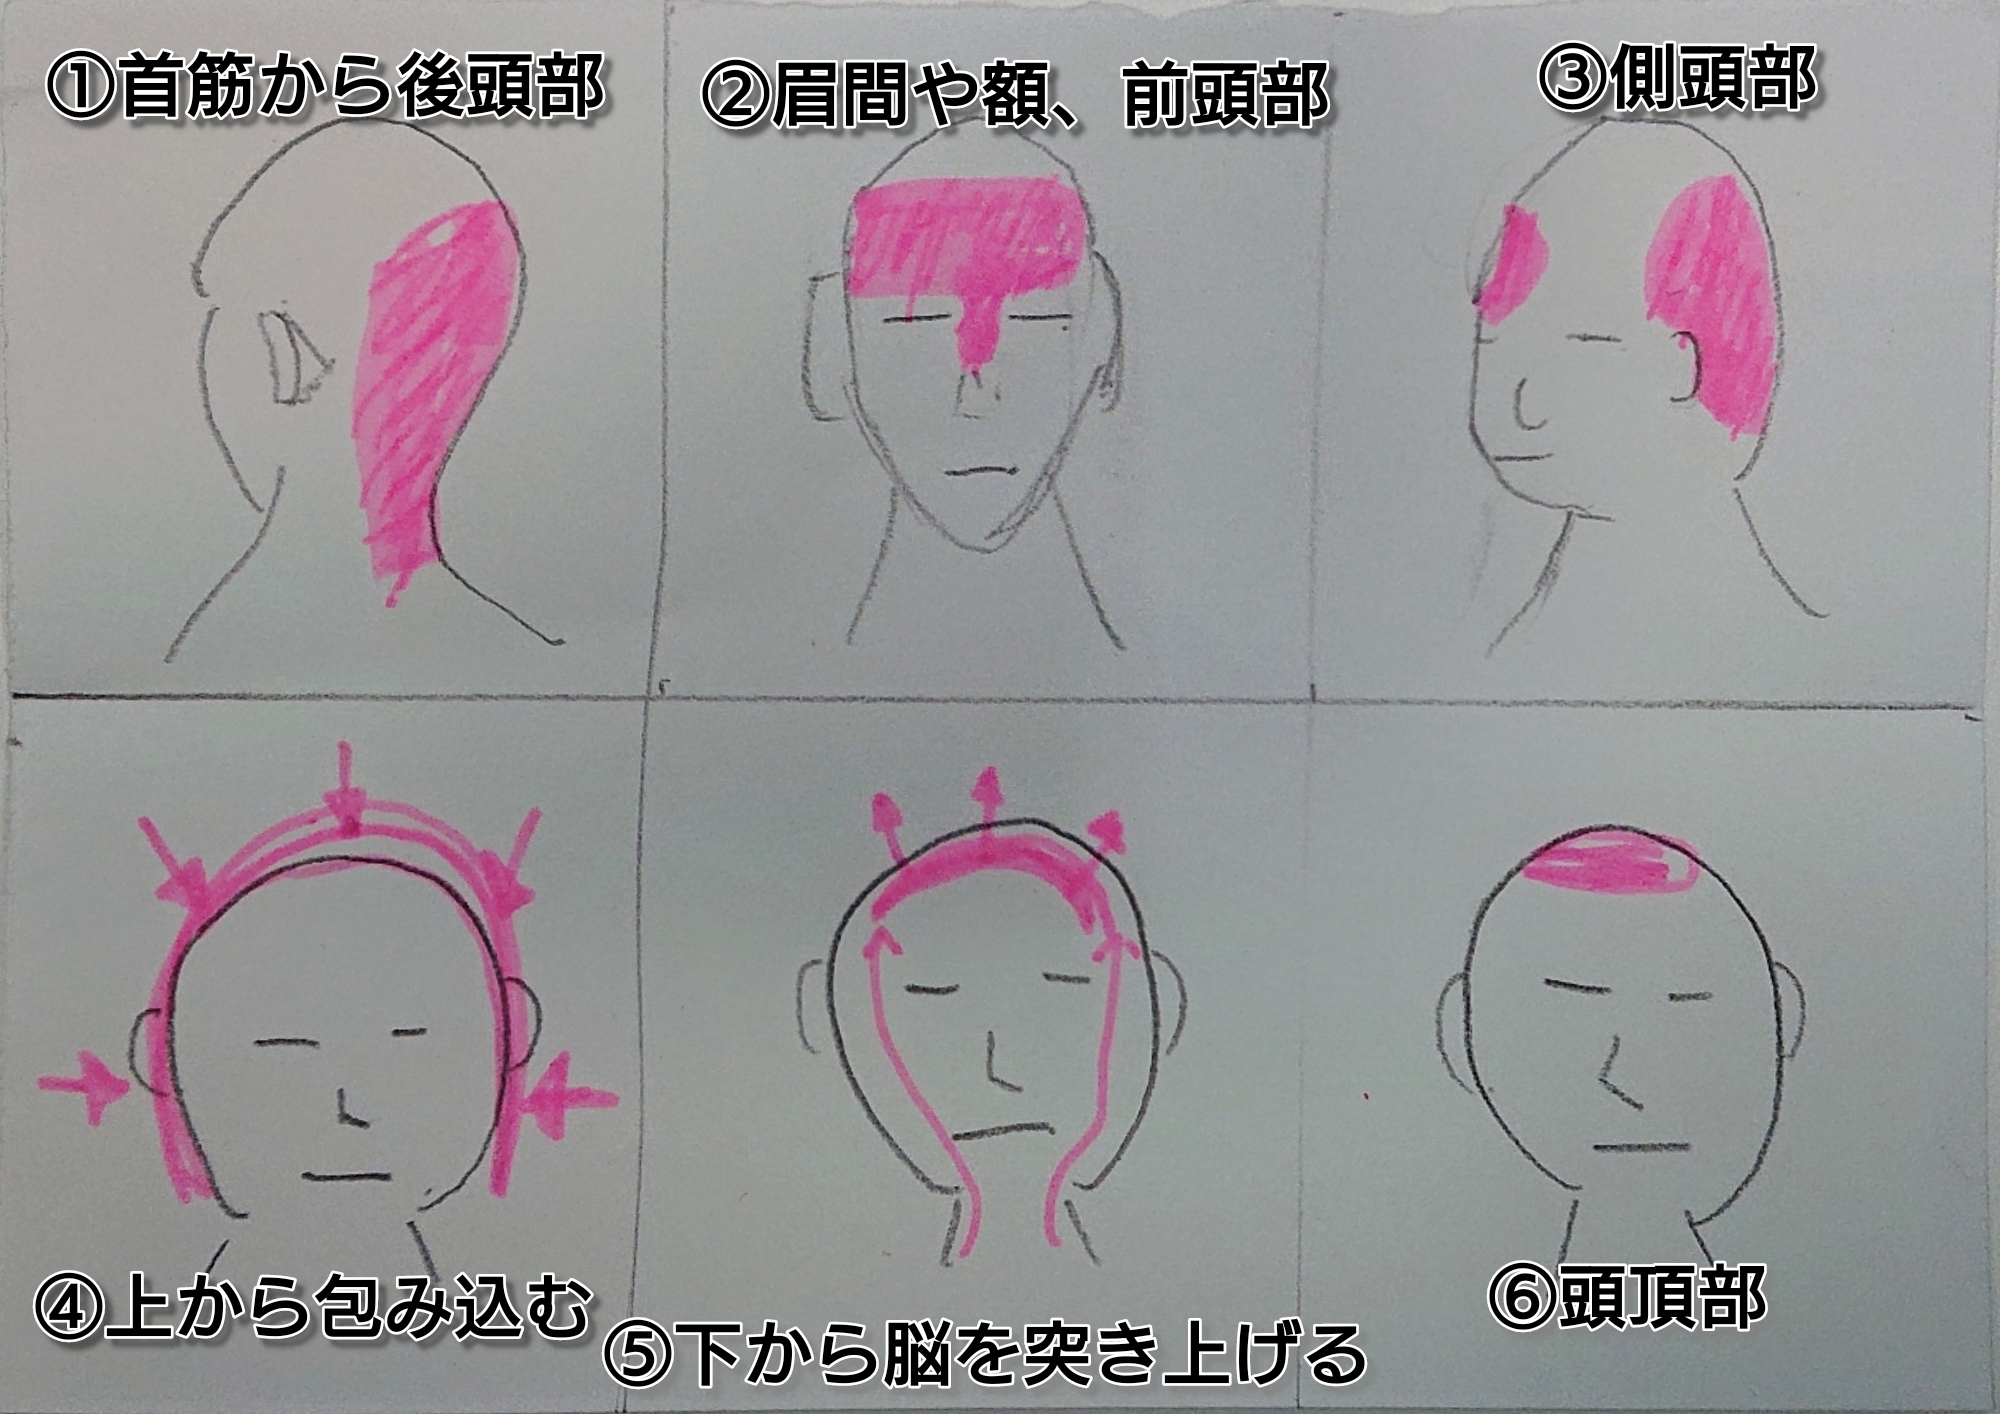 東洋医学的な頭痛の分類